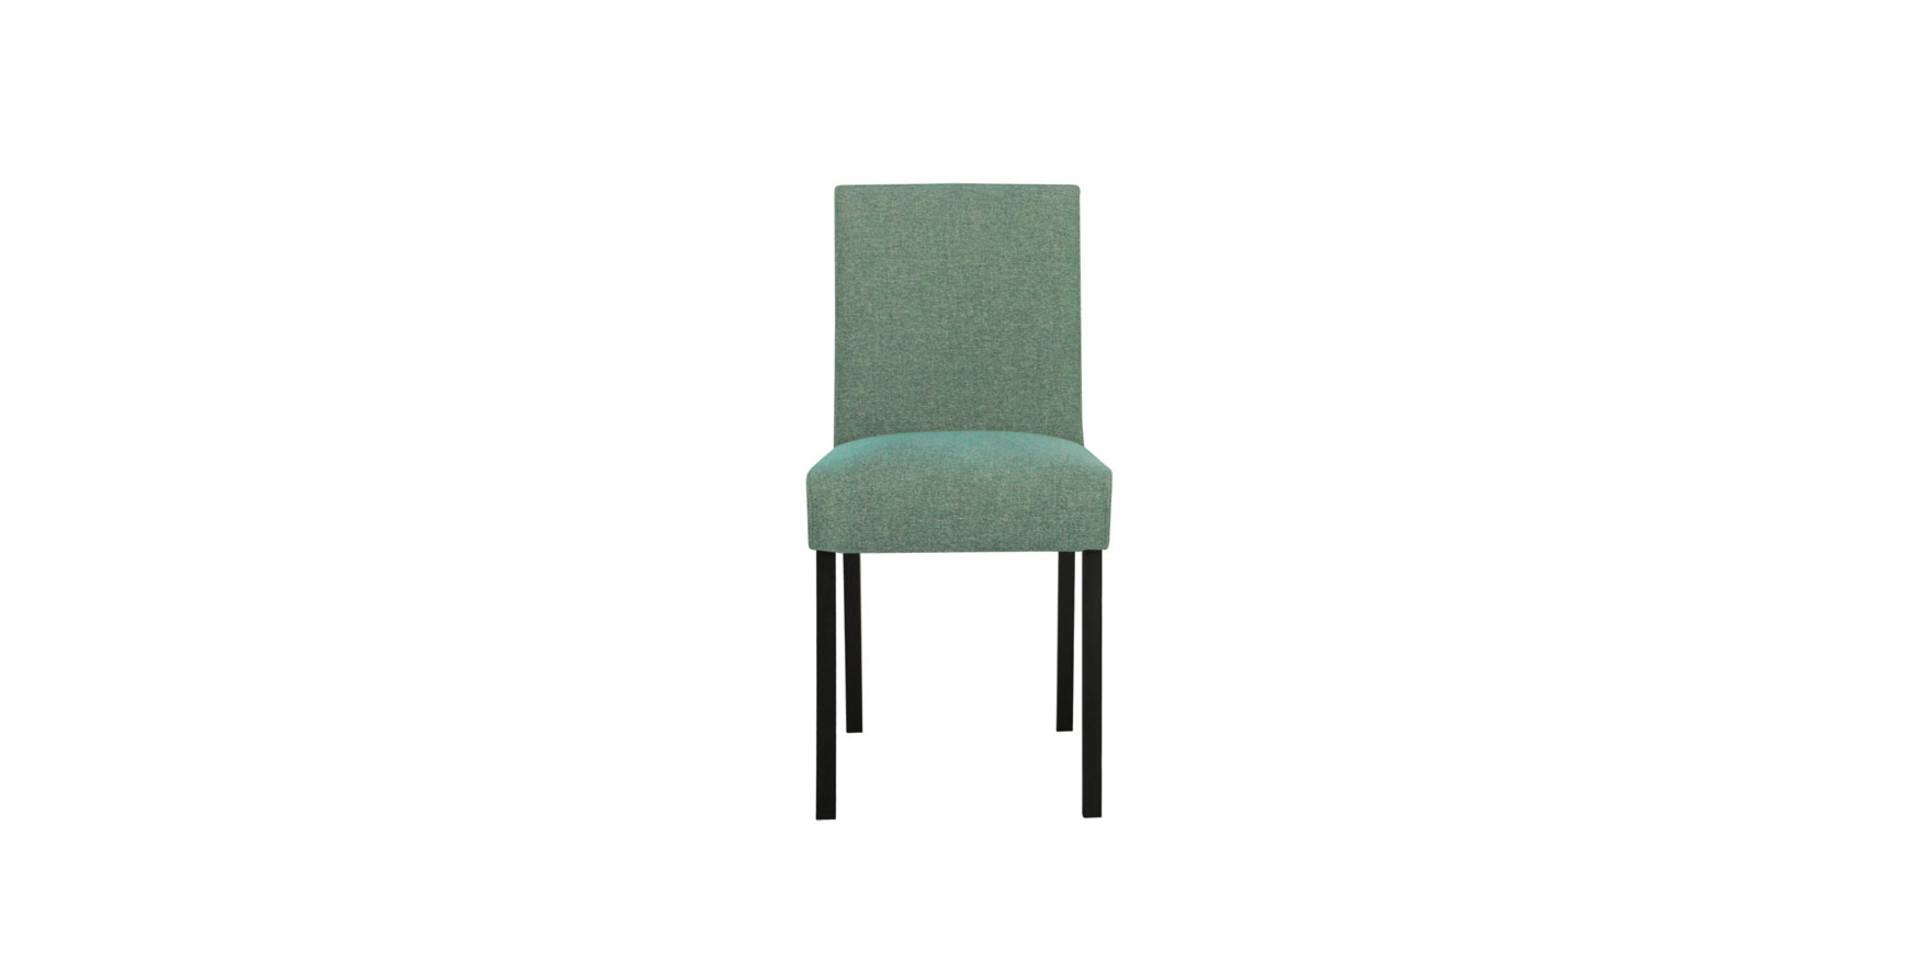 sits-vigo-fauteuil-chair_dover7_green_1